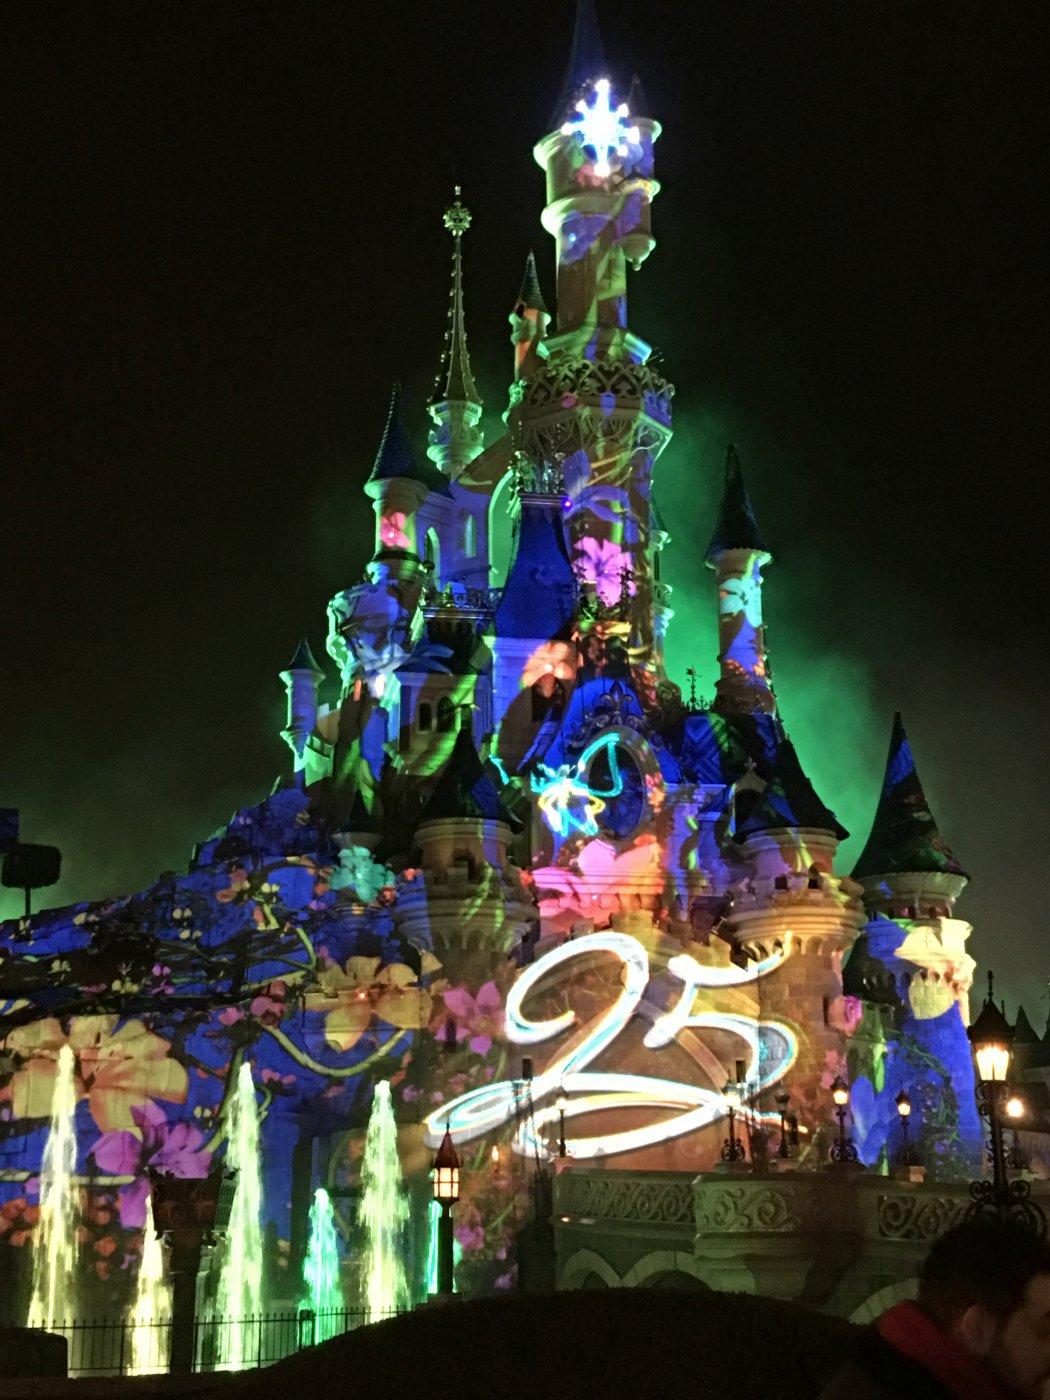 Disneyland paris castillo de la bella durmiente iluminations